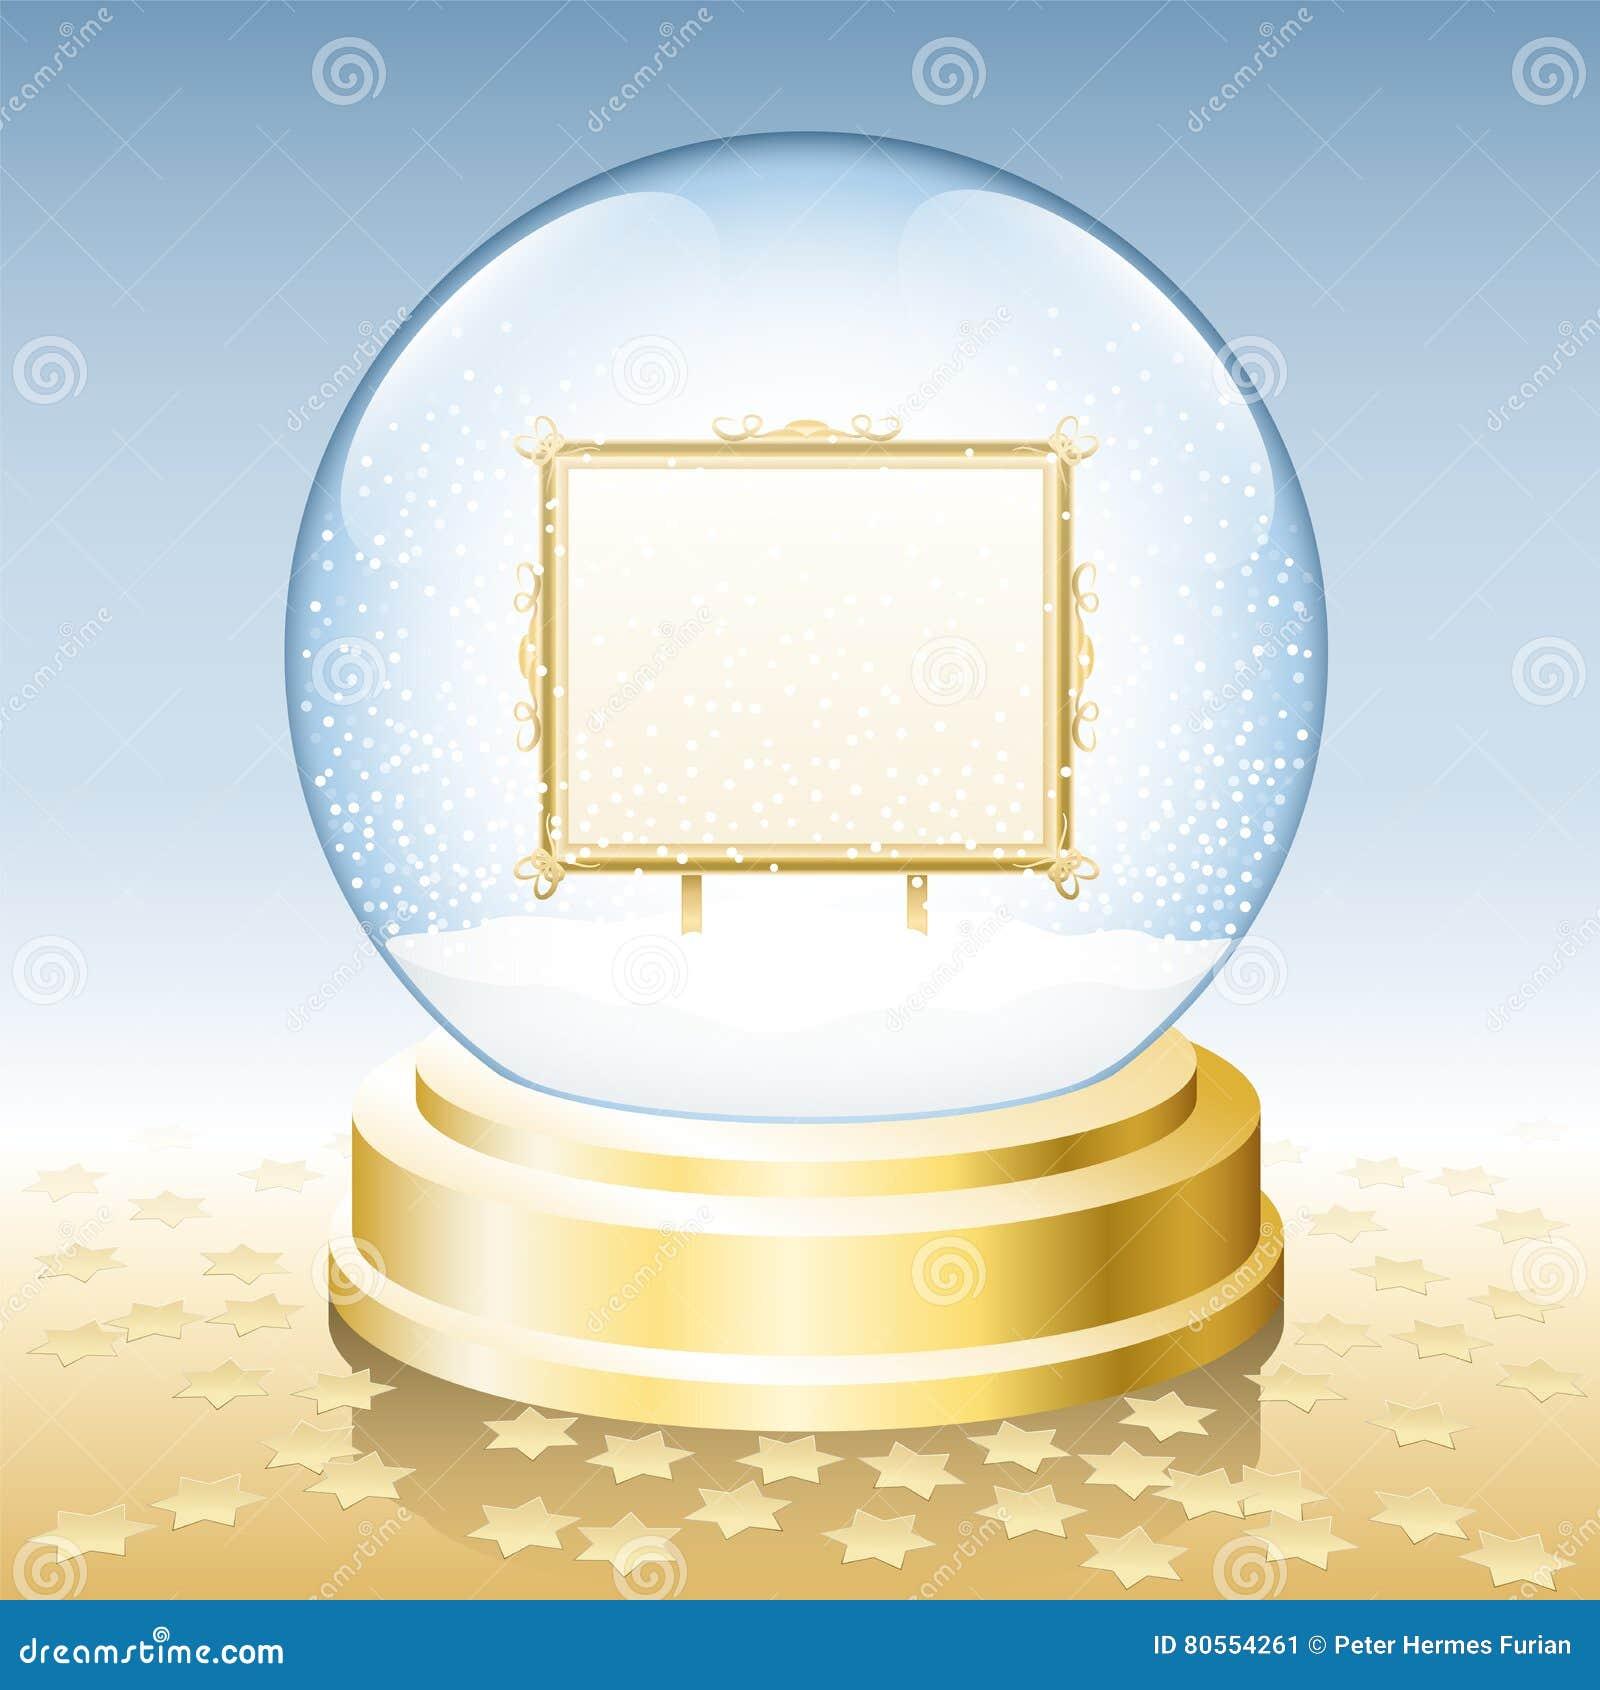 Snow Globe Golden Frame Blank Stock Vector - Illustration of gold ...